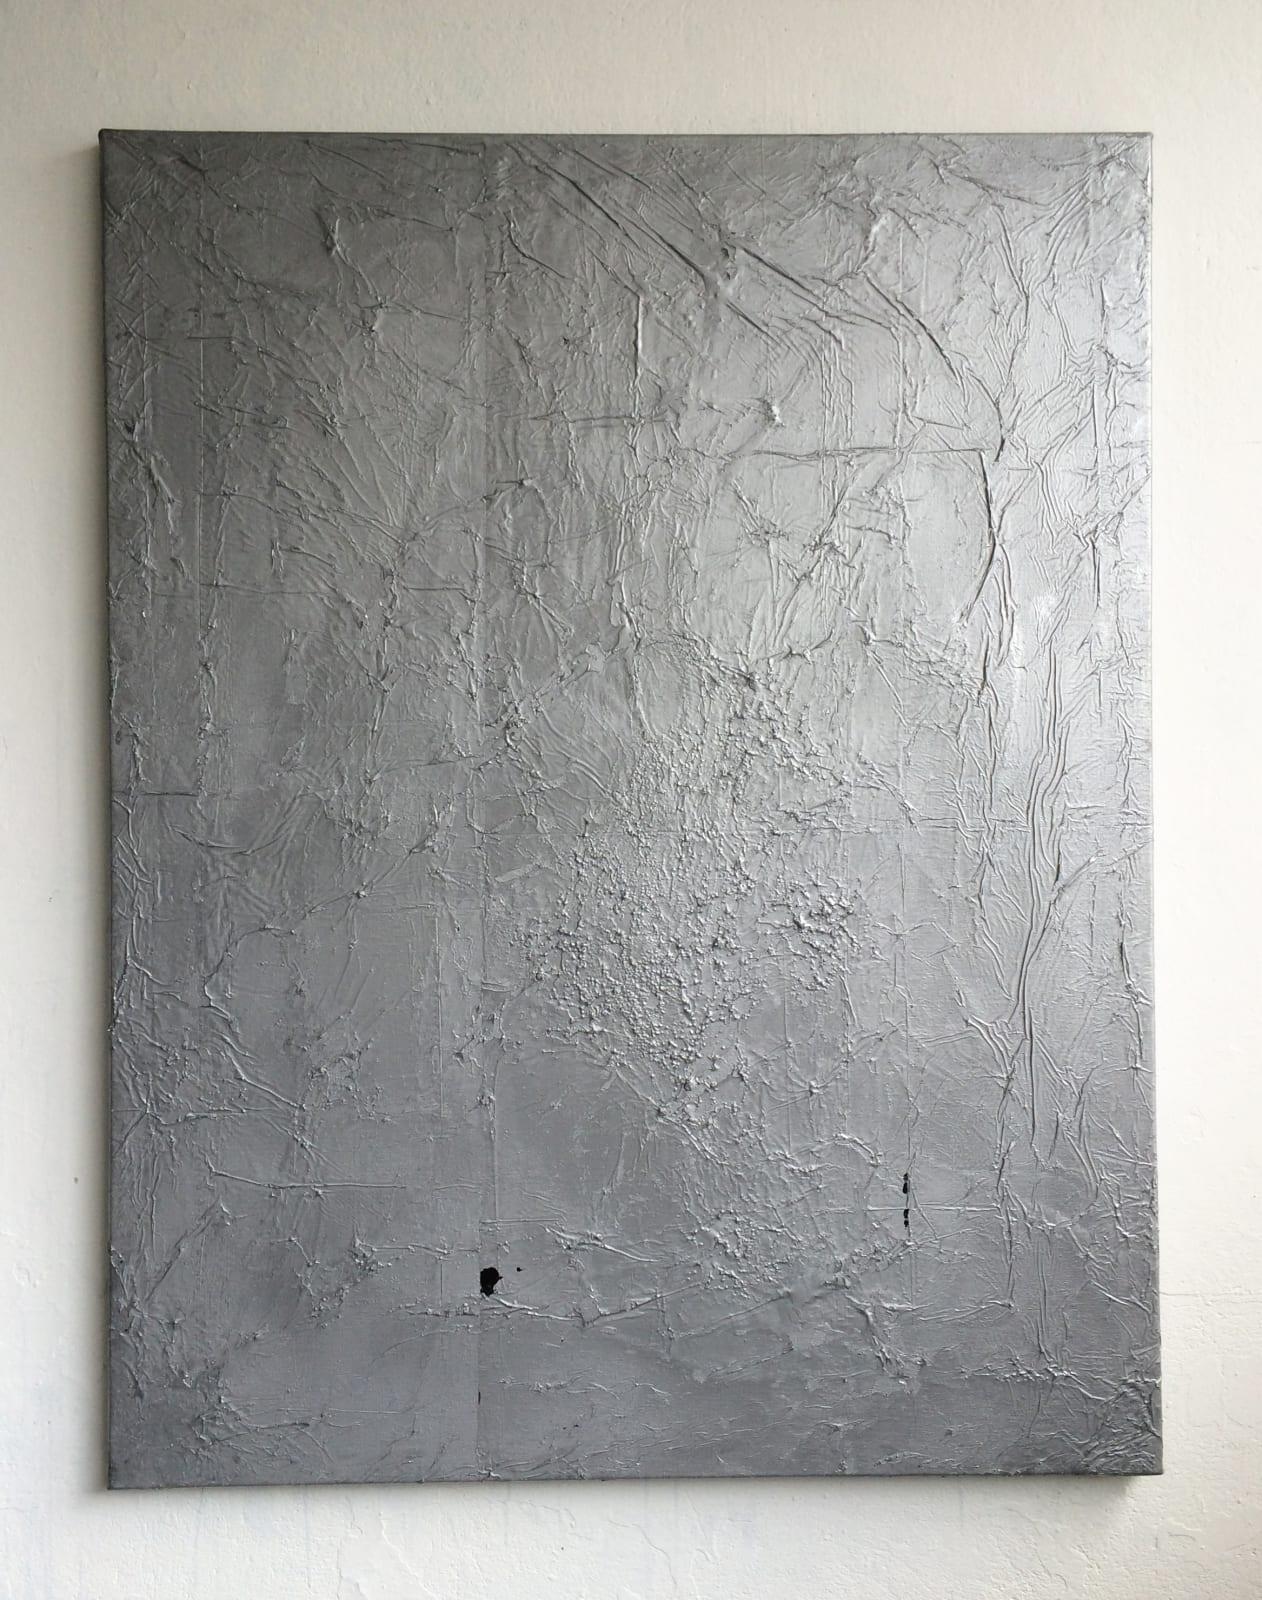 Édouard Prulhière Sans titre Peinture sur toile 146 x 114 cm